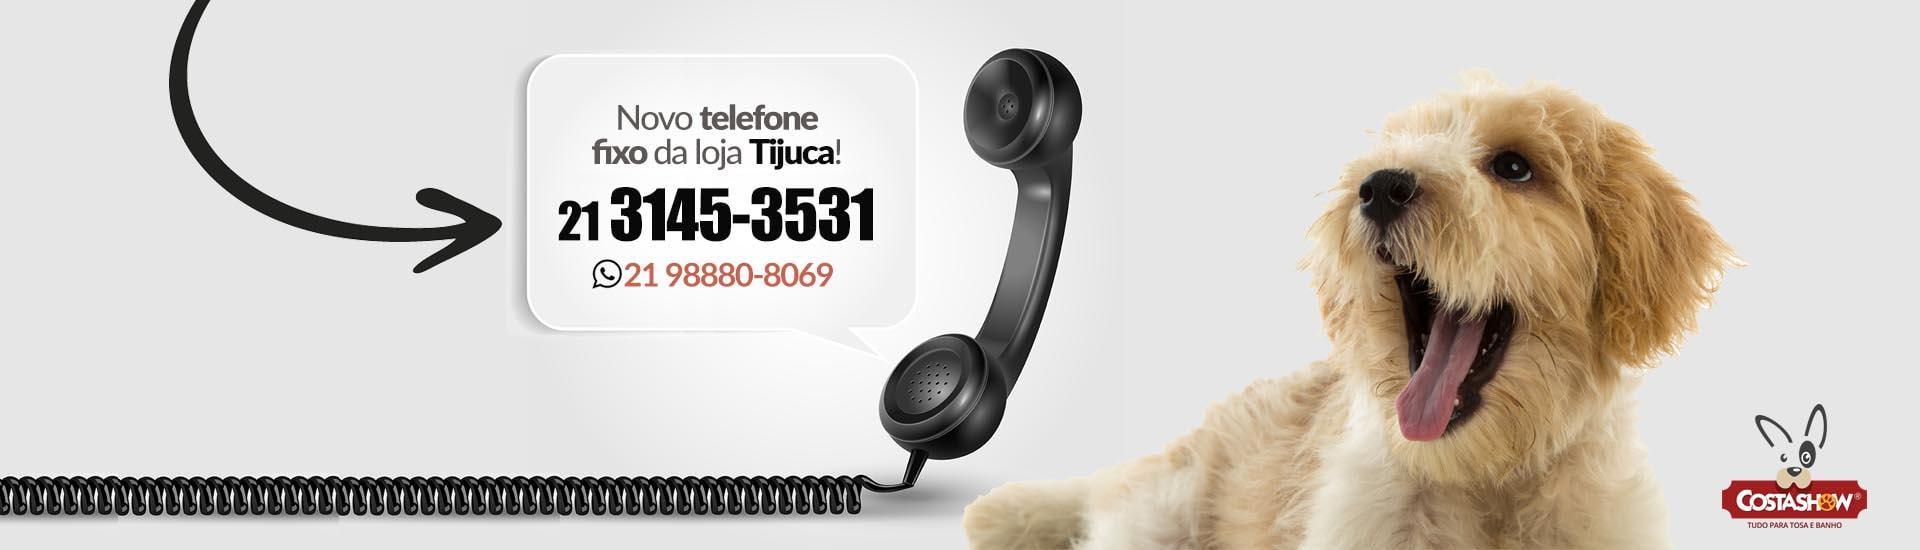 AVISO TELEFONE